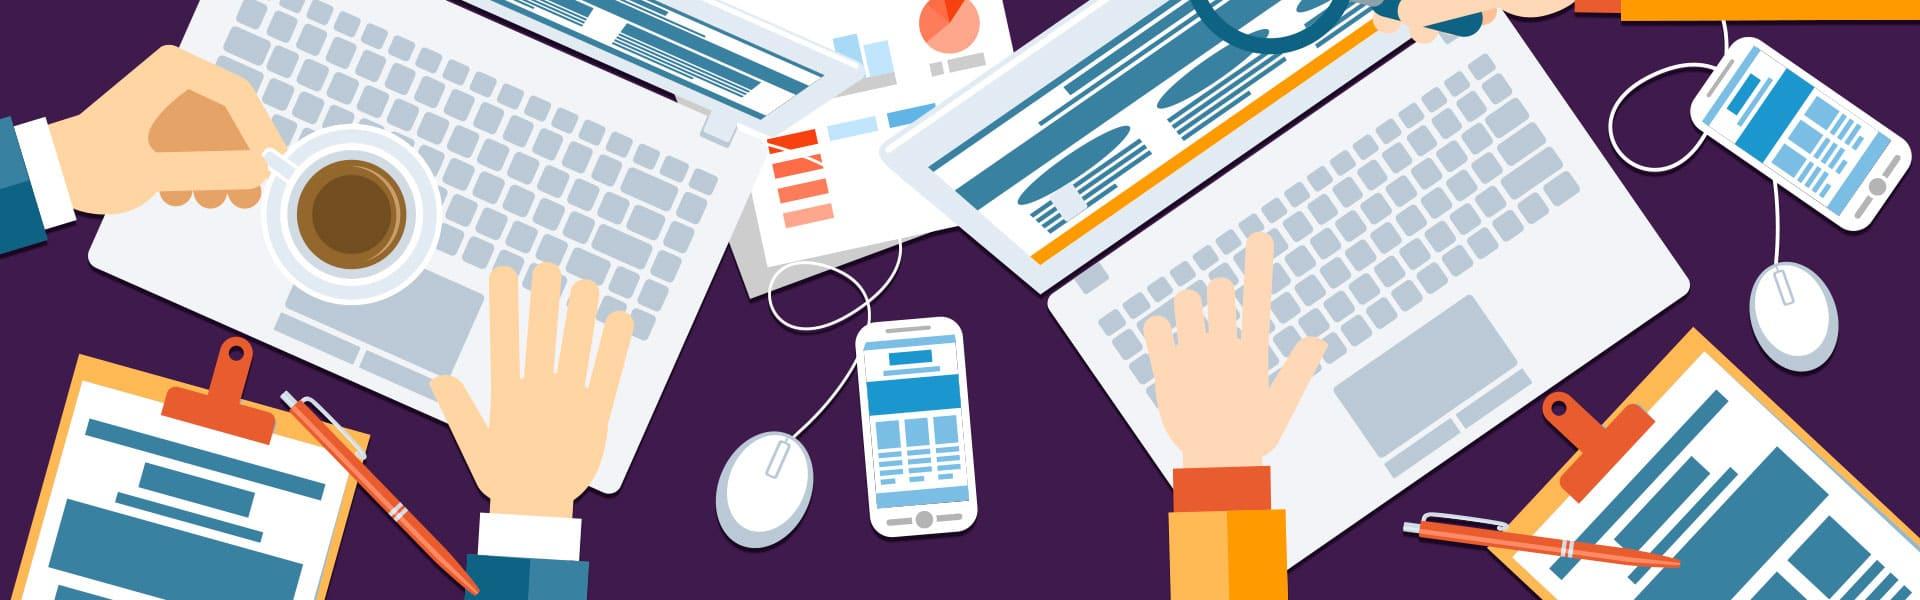 Виды бизнес сайтов